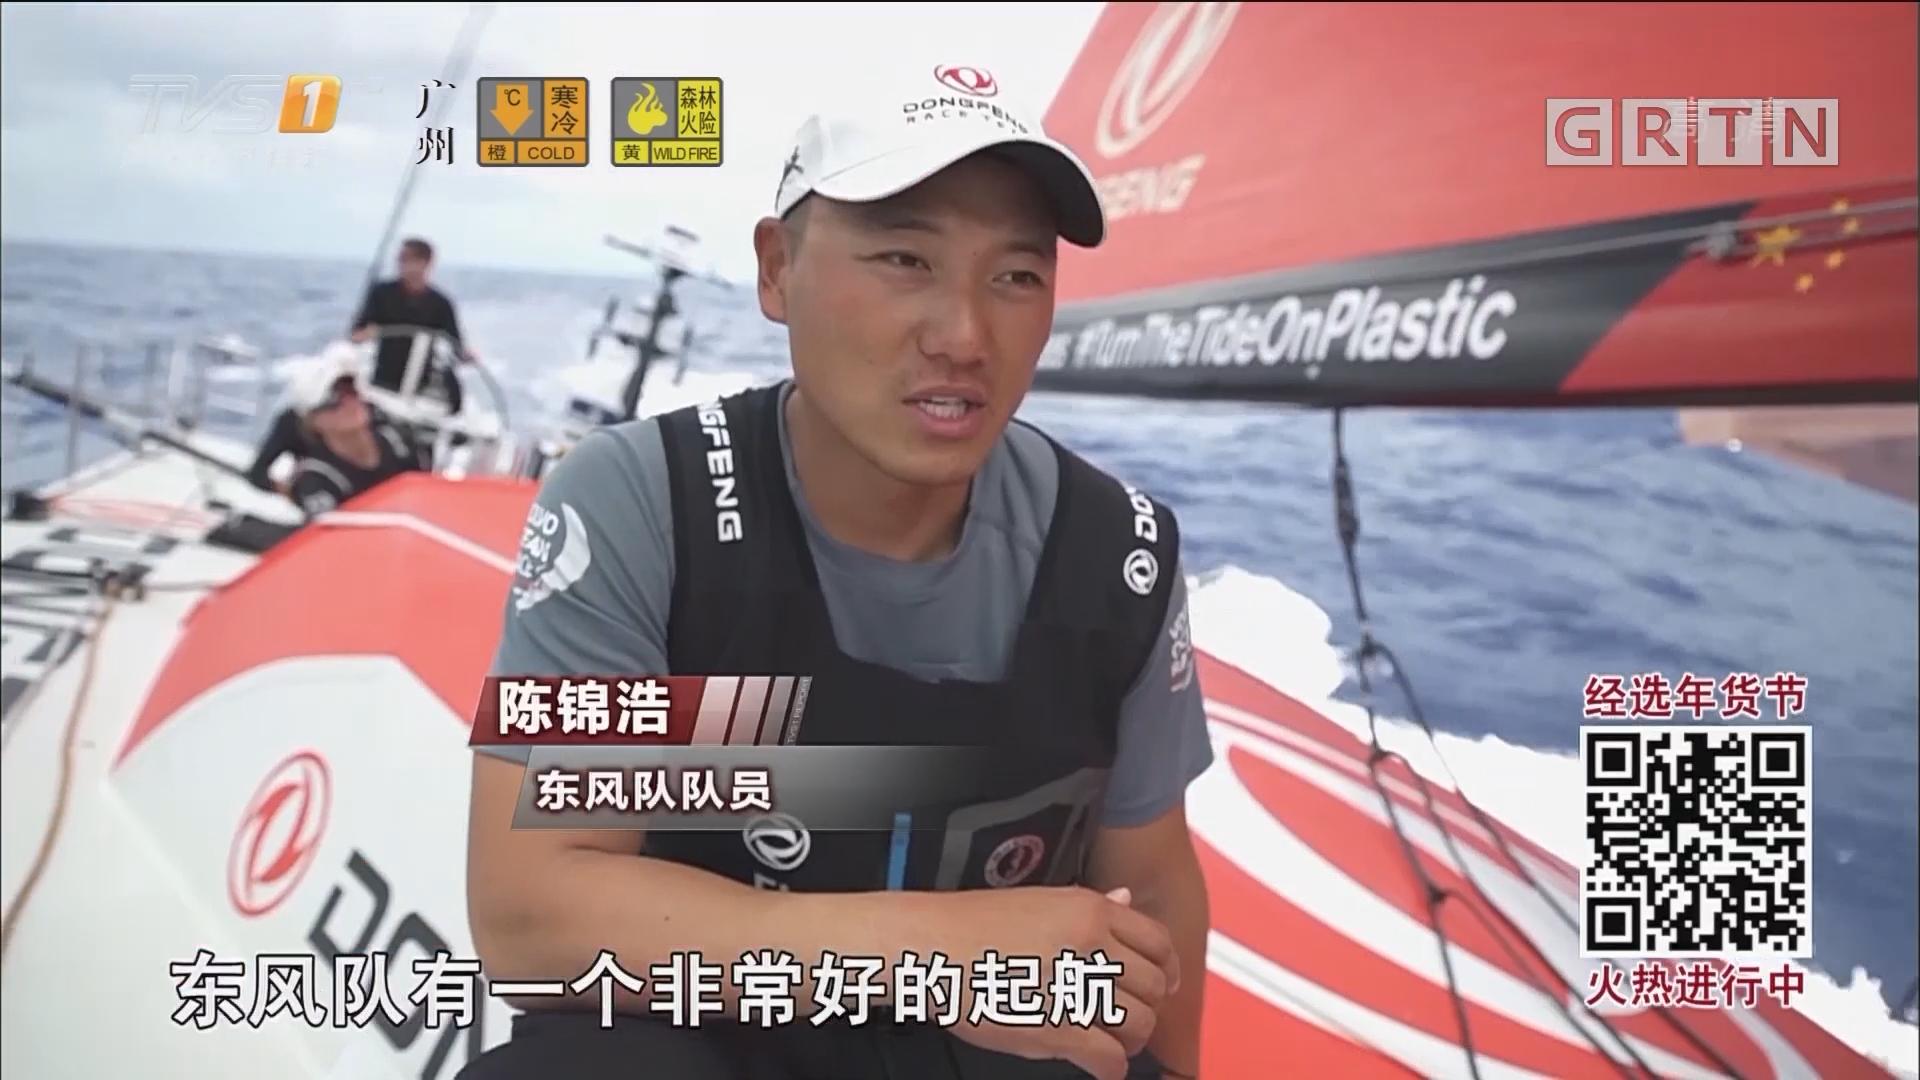 2017—18沃尔沃环球帆船赛 广州停靠期间全程安全保障